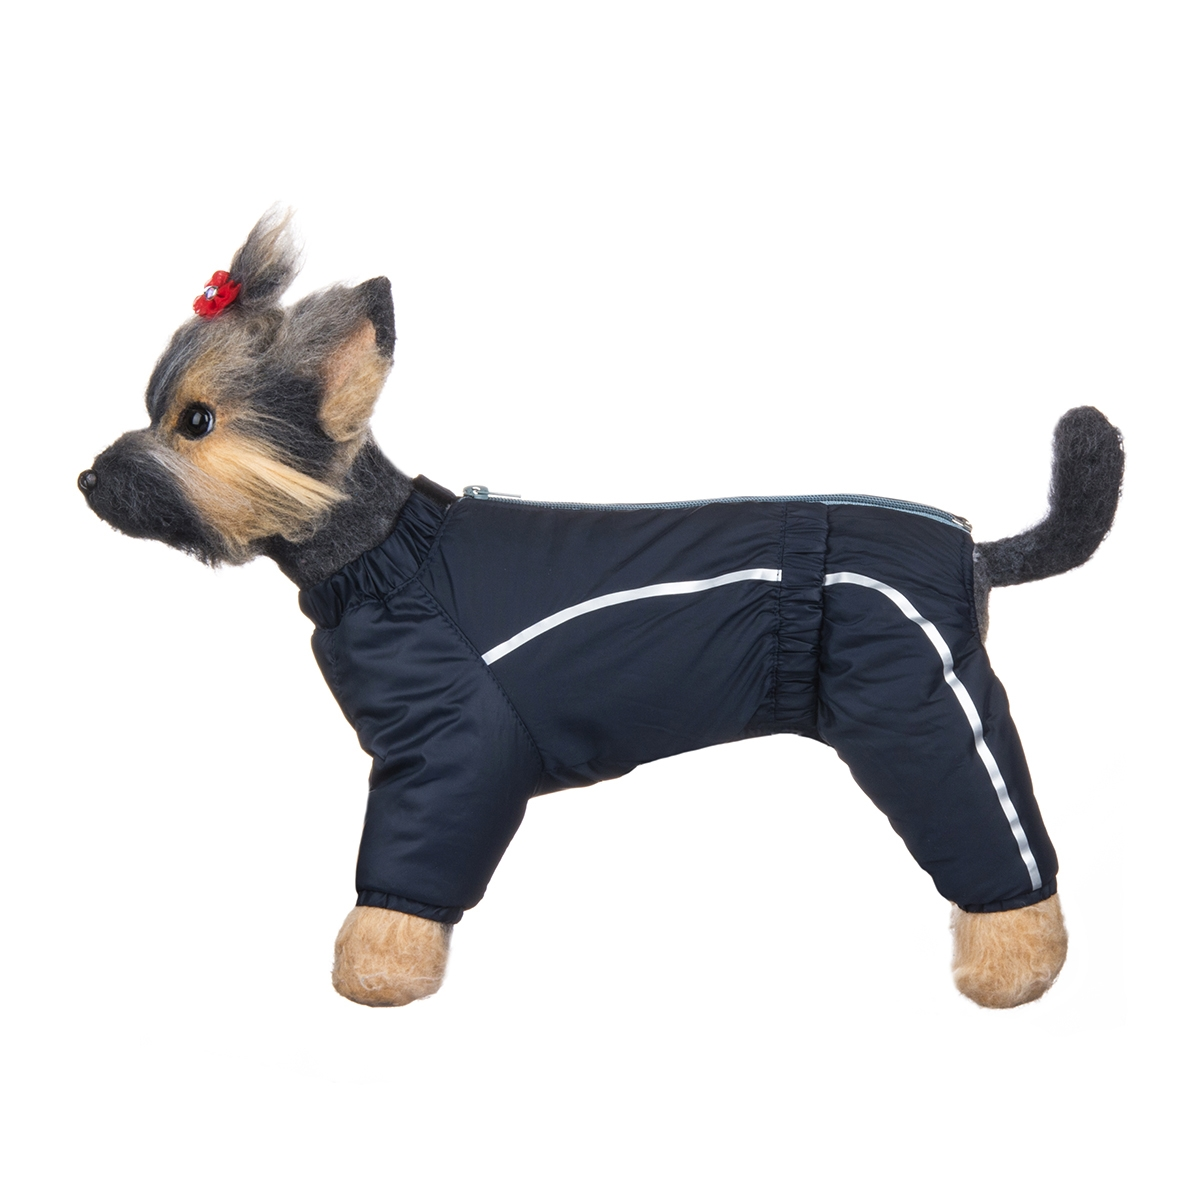 Комбинезон для собак Dogmoda Альпы, зимний, для мальчика, цвет: синий, светло-серый. Размер 1 (S)0120710Зимний комбинезон для собак Dogmoda Альпы отлично подойдет для прогулок в зимнее время года.Комбинезон изготовлен из полиэстера, защищающего от ветра и снега, с утеплителем из синтепона, который сохранит тепло даже в сильные морозы, а на подкладке используется искусственный мех, который обеспечивает отличный воздухообмен. Комбинезон застегивается на молнию и липучку, благодаря чему его легко надевать и снимать. Ворот, низ рукавов и брючин оснащены внутренними резинками, которые мягко обхватывают шею и лапки, не позволяя просачиваться холодному воздуху. На пояснице имеется внутренняя резинка. Изделие декорировано серебристыми полосками и надписью DM.Благодаря такому комбинезону простуда не грозит вашему питомцу и он сможет испытать не сравнимое удовольствие от снежных игр и забав.